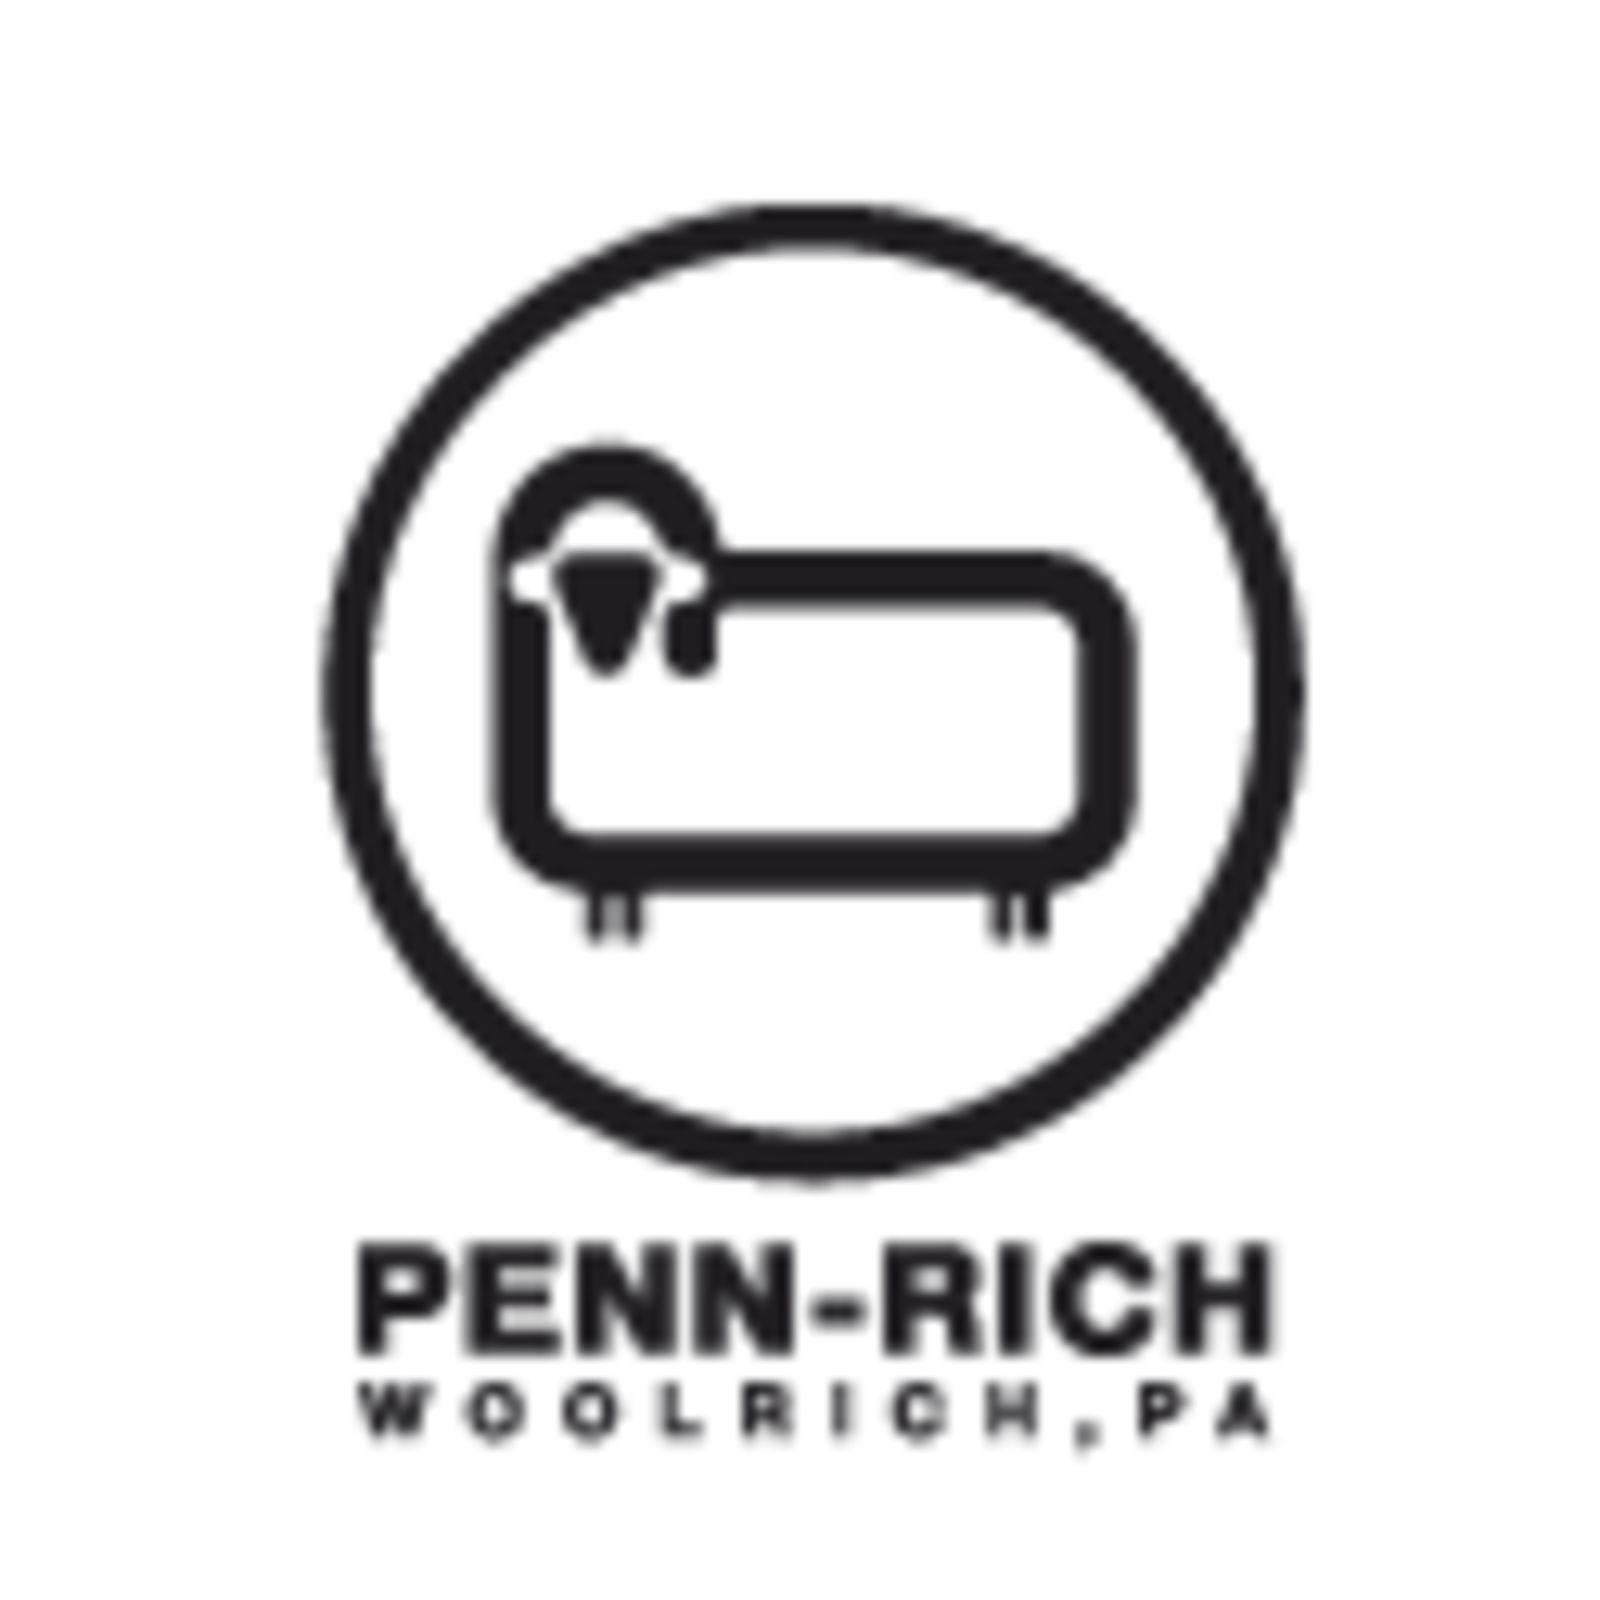 PENN-RICH